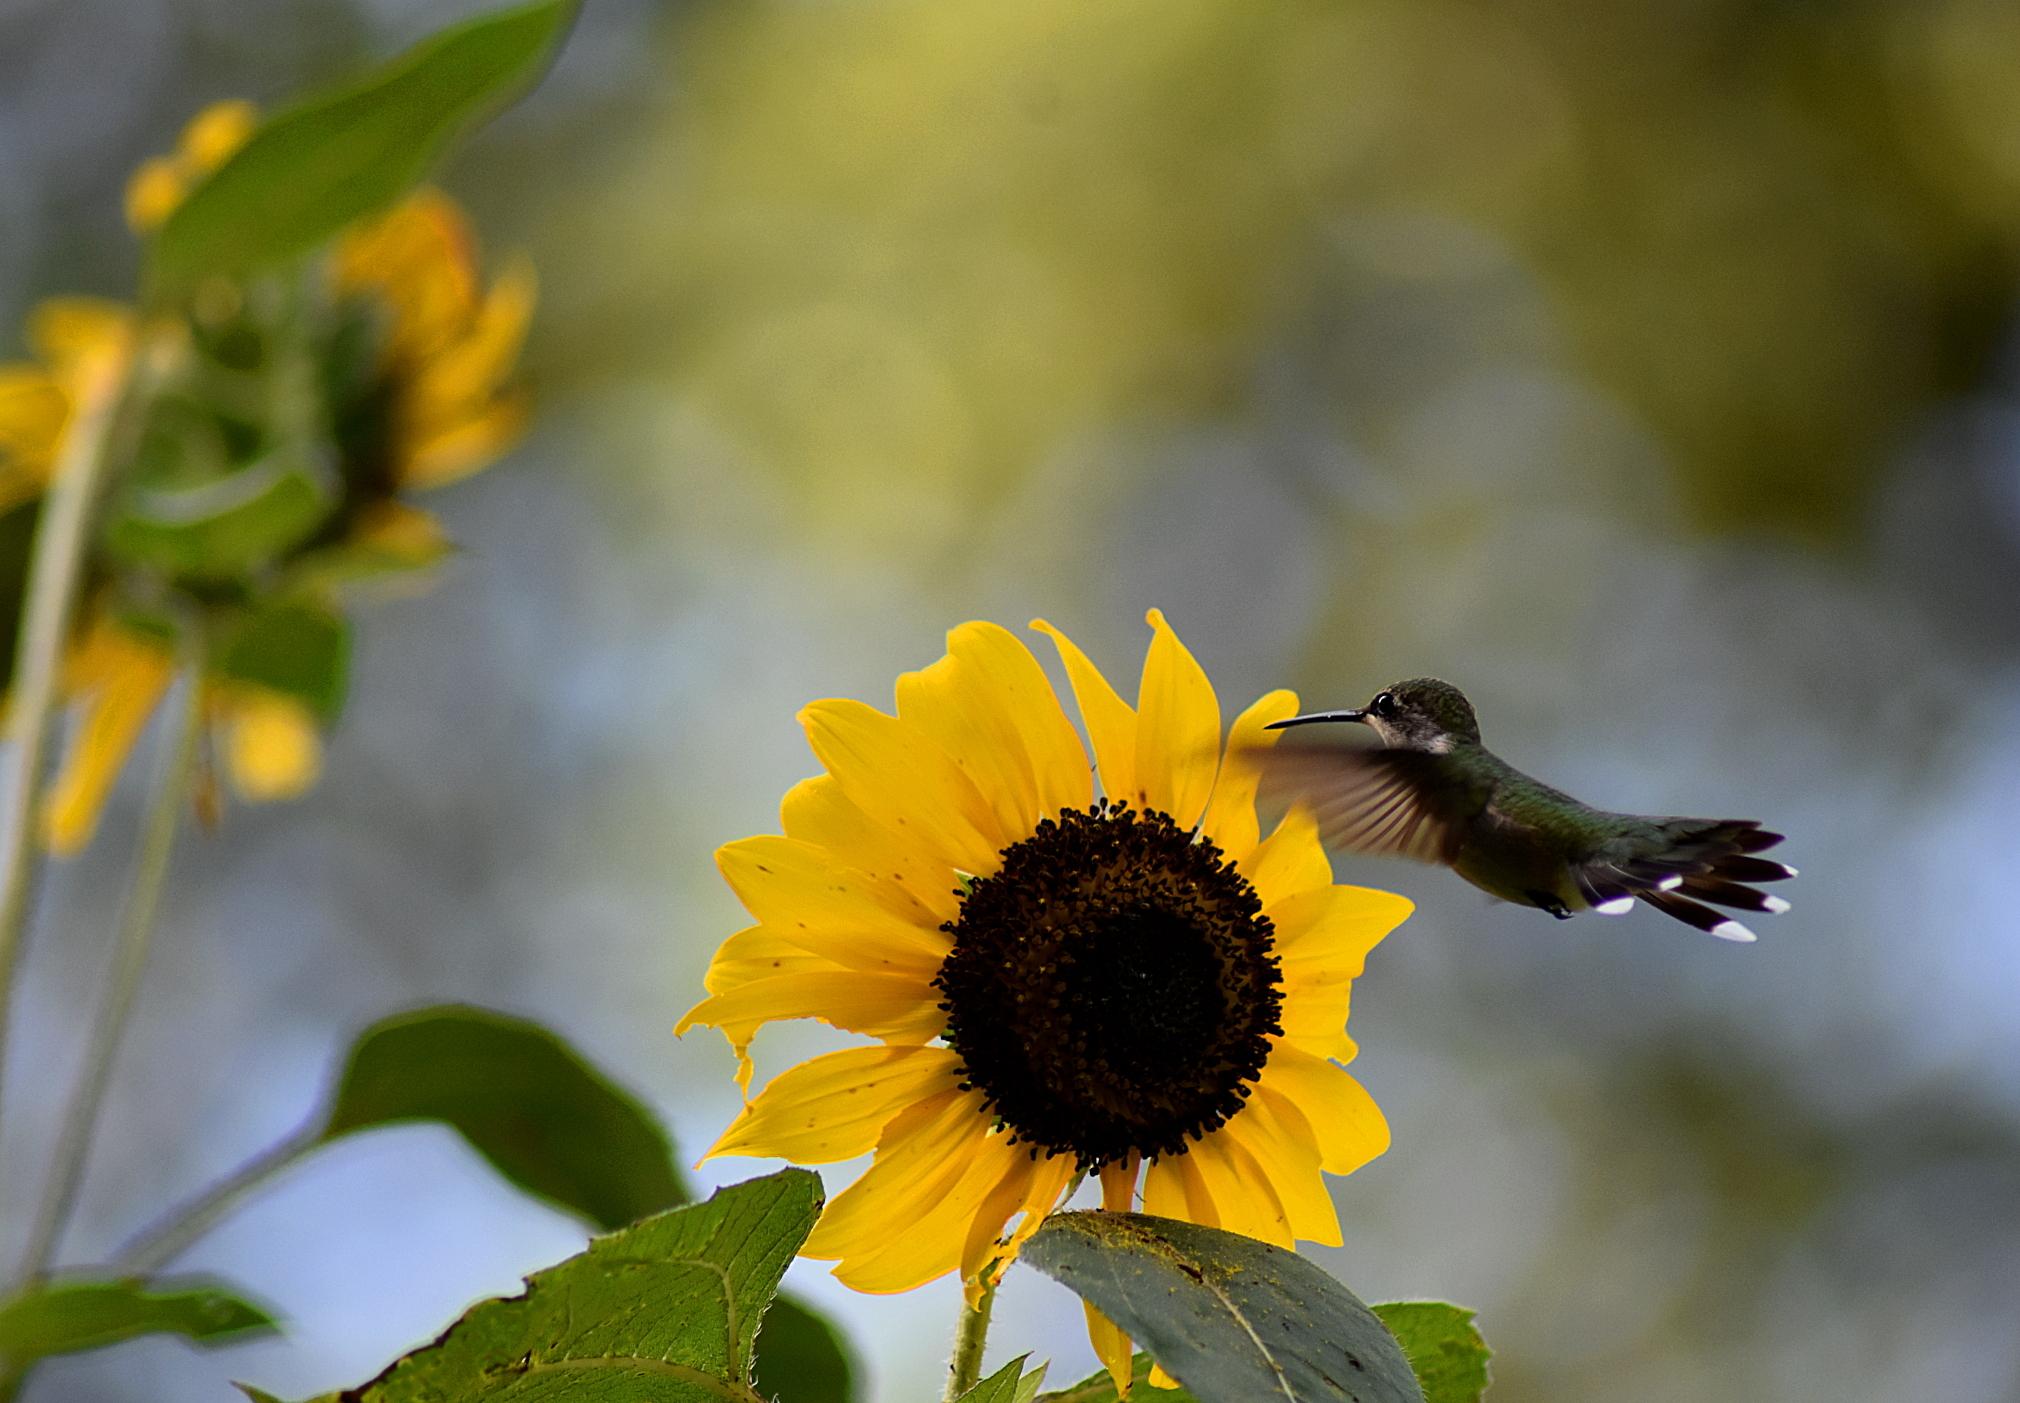 sunflower-hummer-4-resize-sat-g